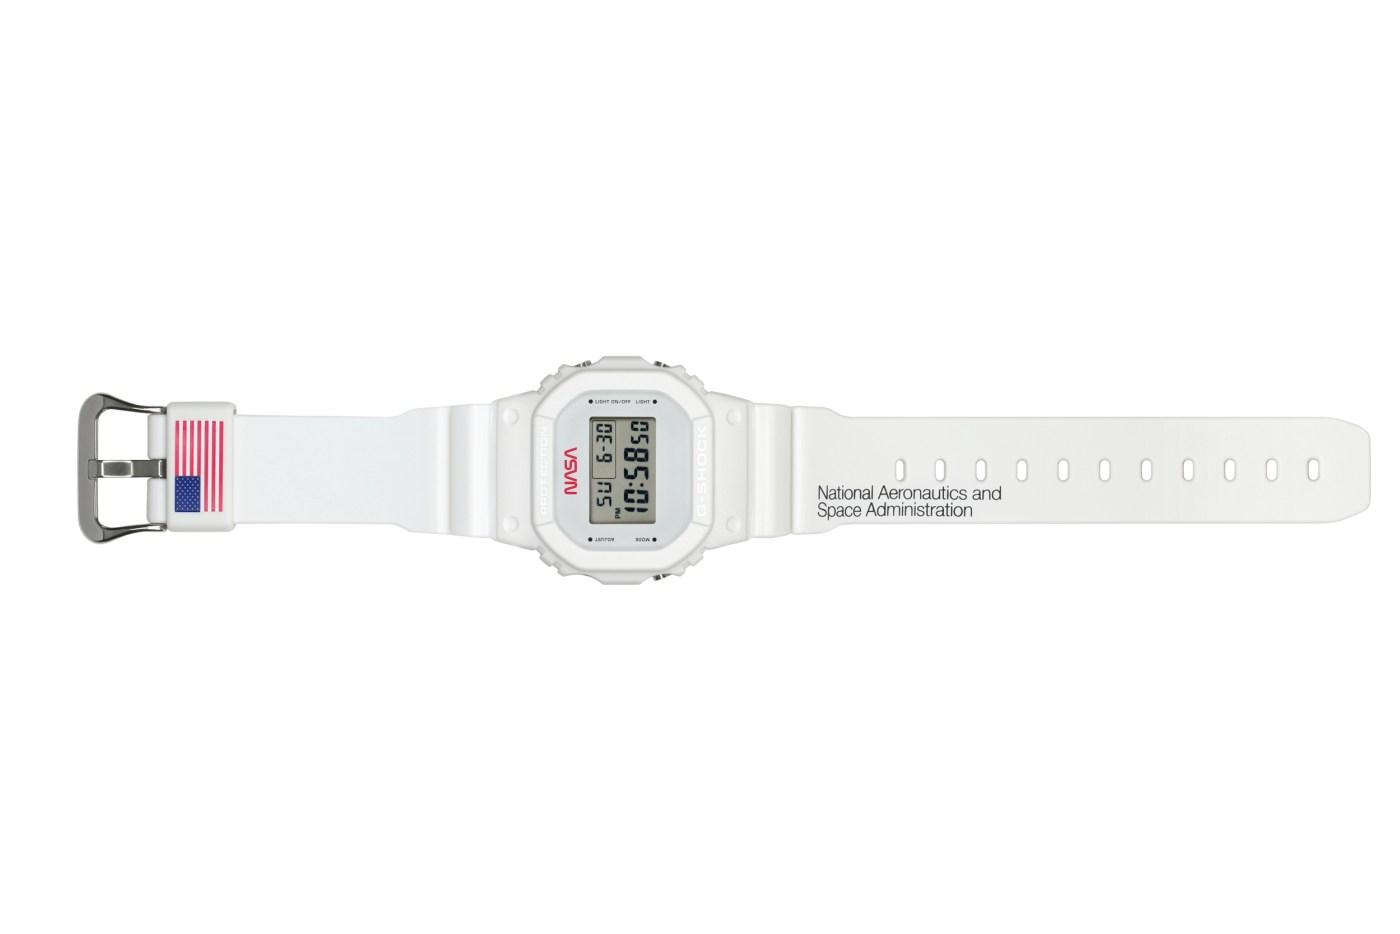 G-SHOCK X NASA DW5600